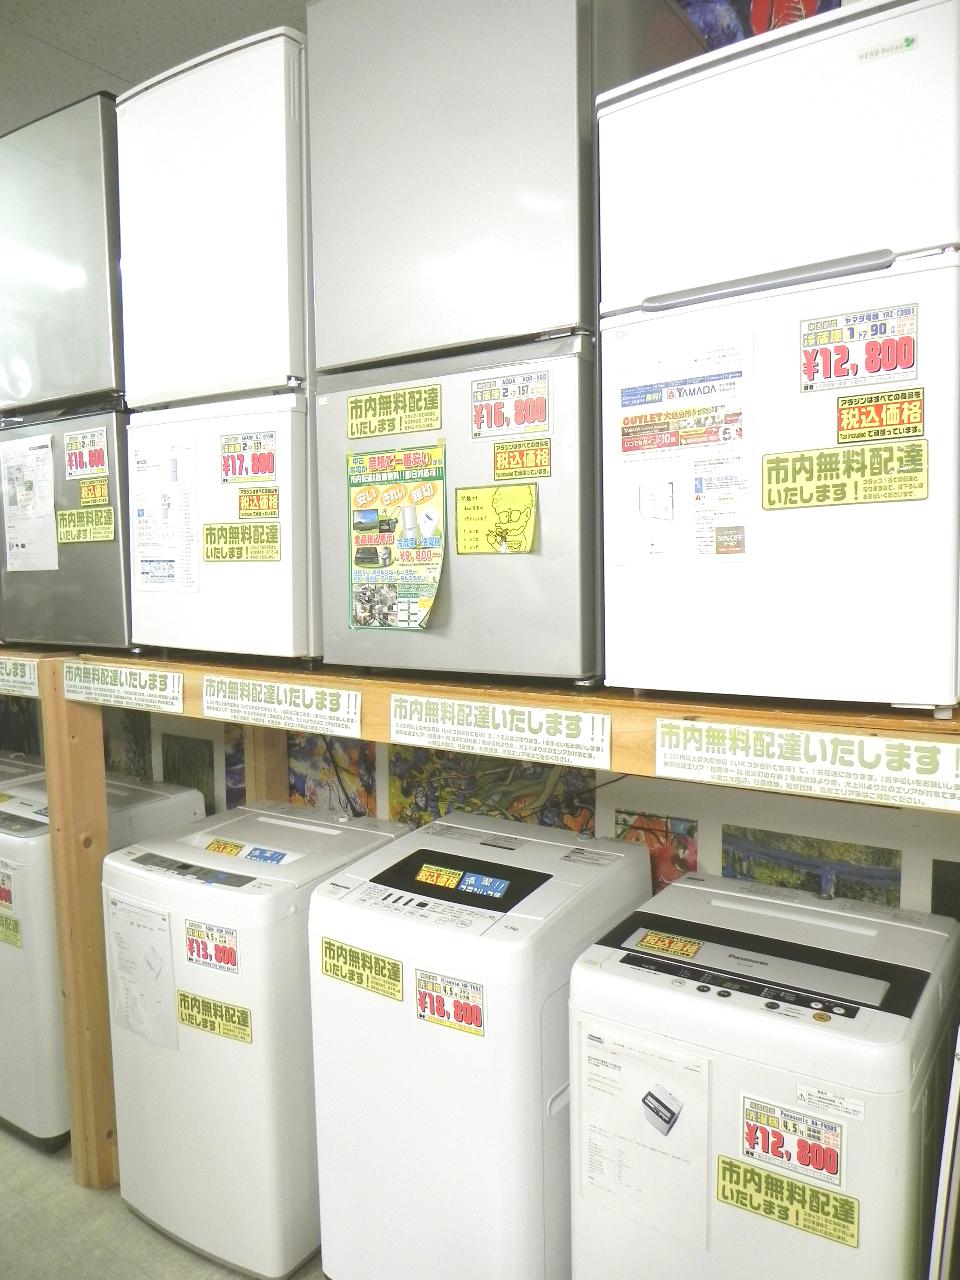 きれいな冷蔵庫・洗濯機が市内配達無料!